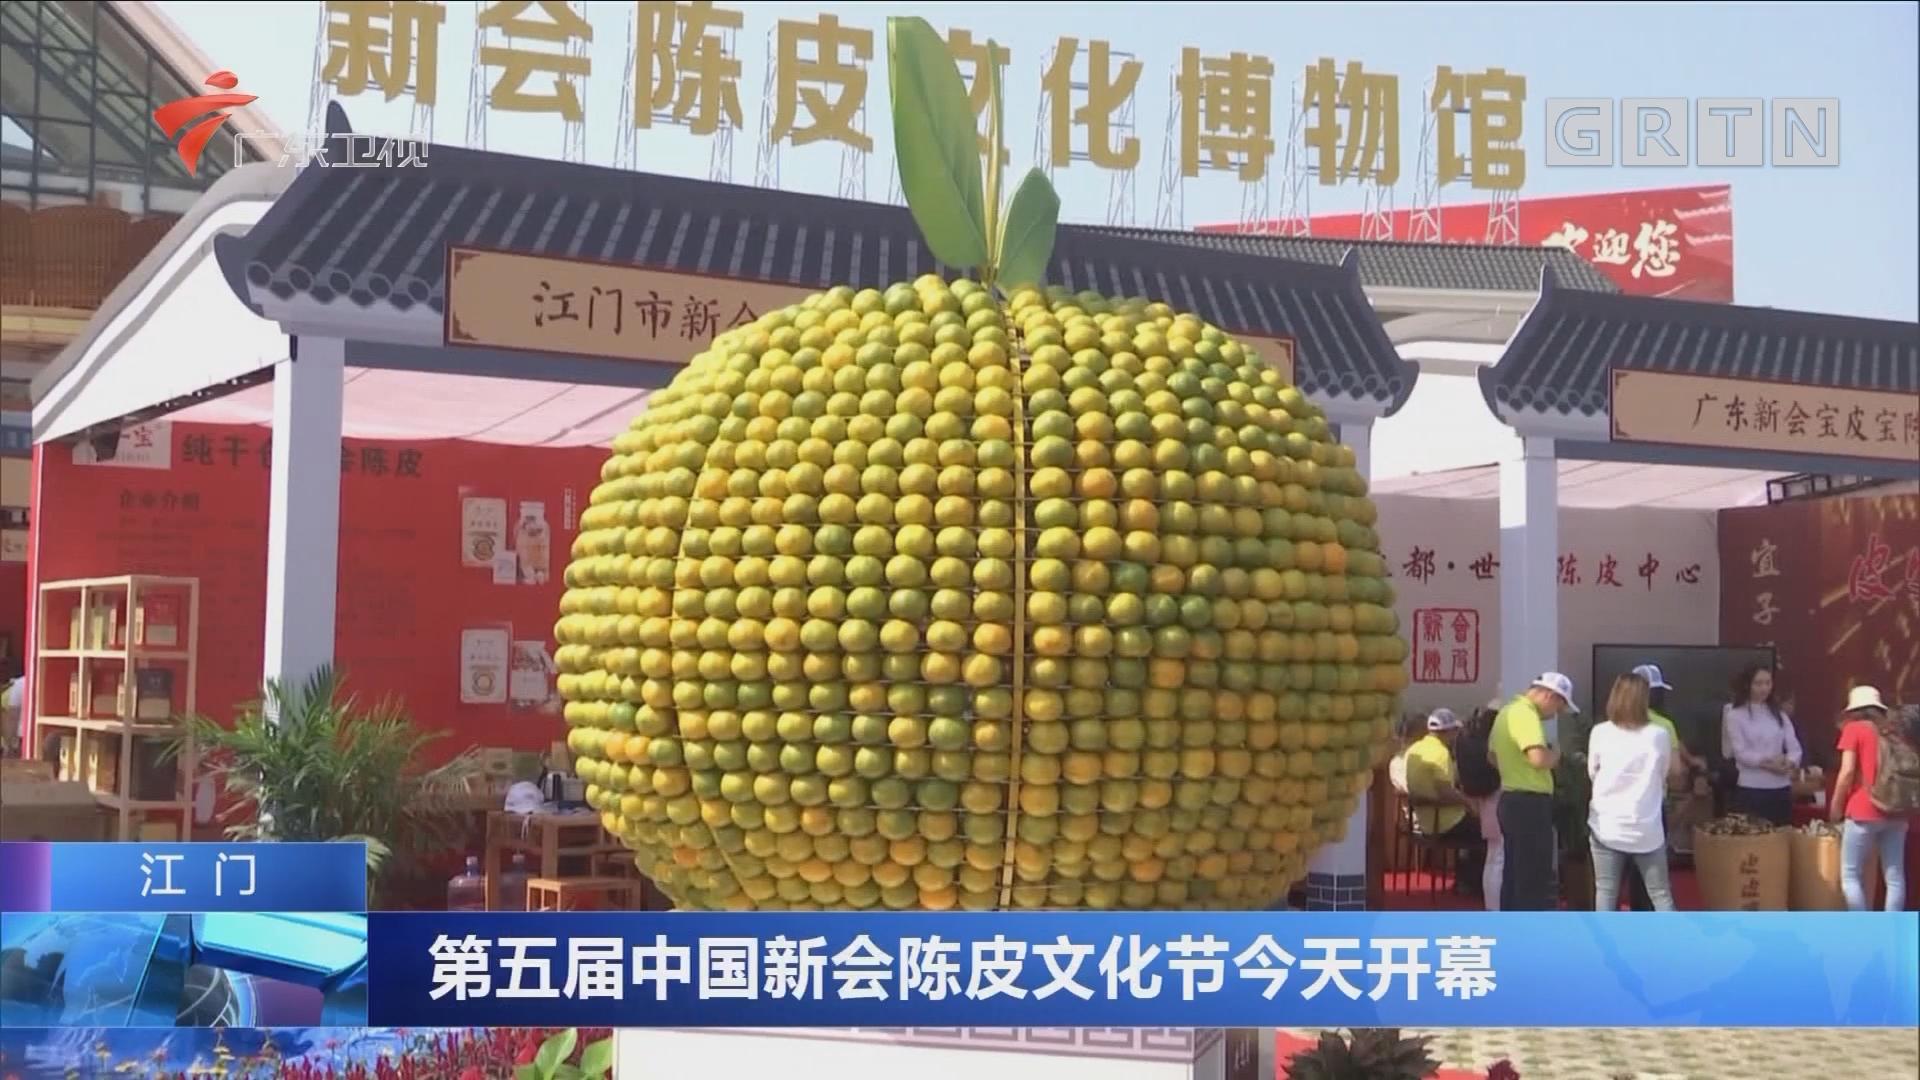 江门:第五届中国新会陈皮文化节今天开幕